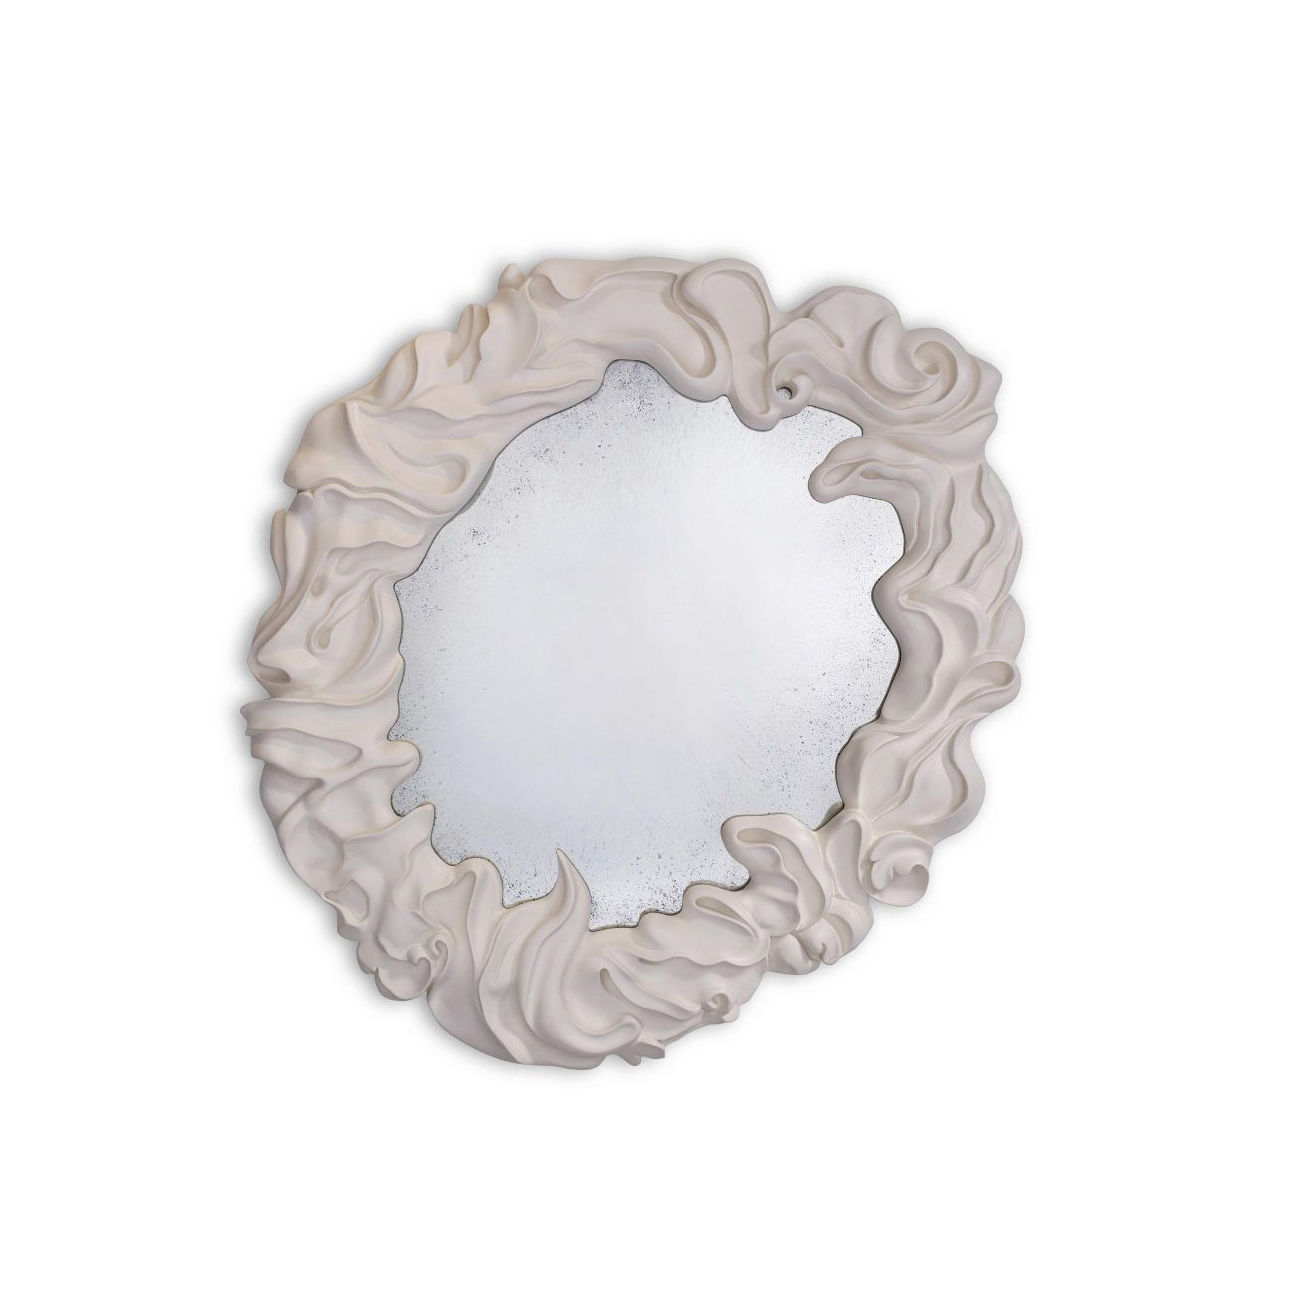 Fabula Mirrorby Jean De Merry